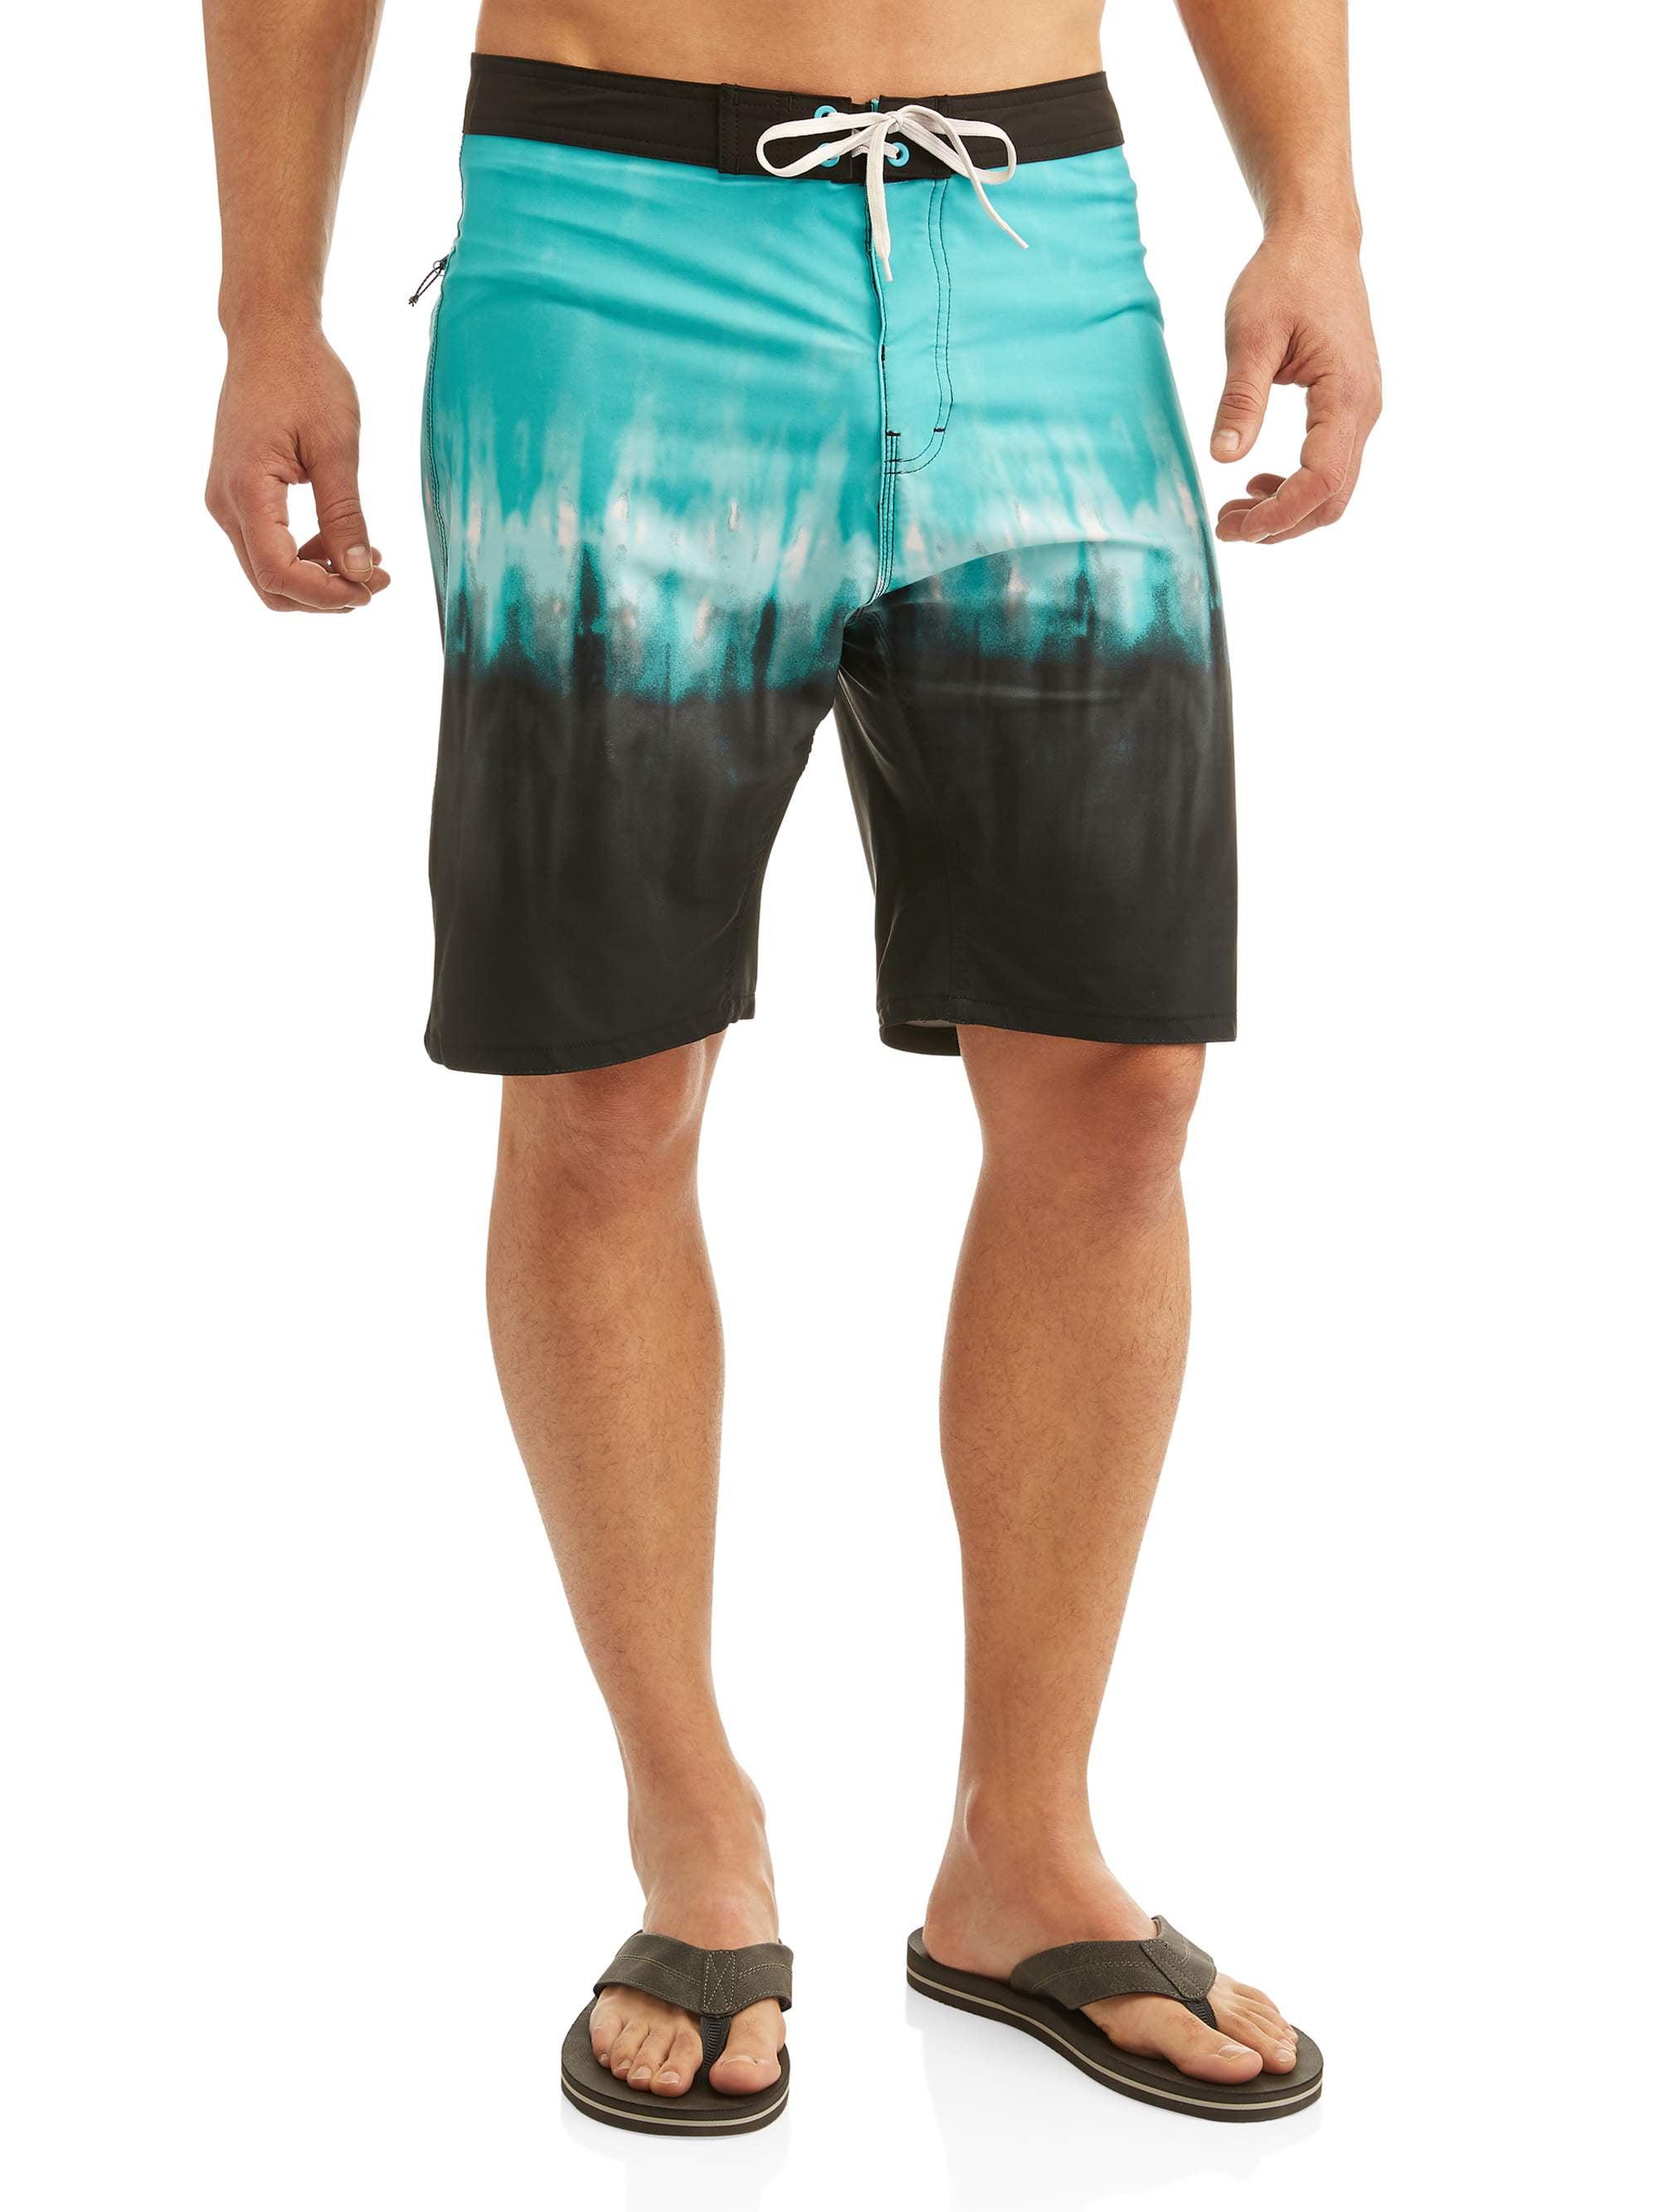 Men's Groovy Tye Dye Stretch Boardshort